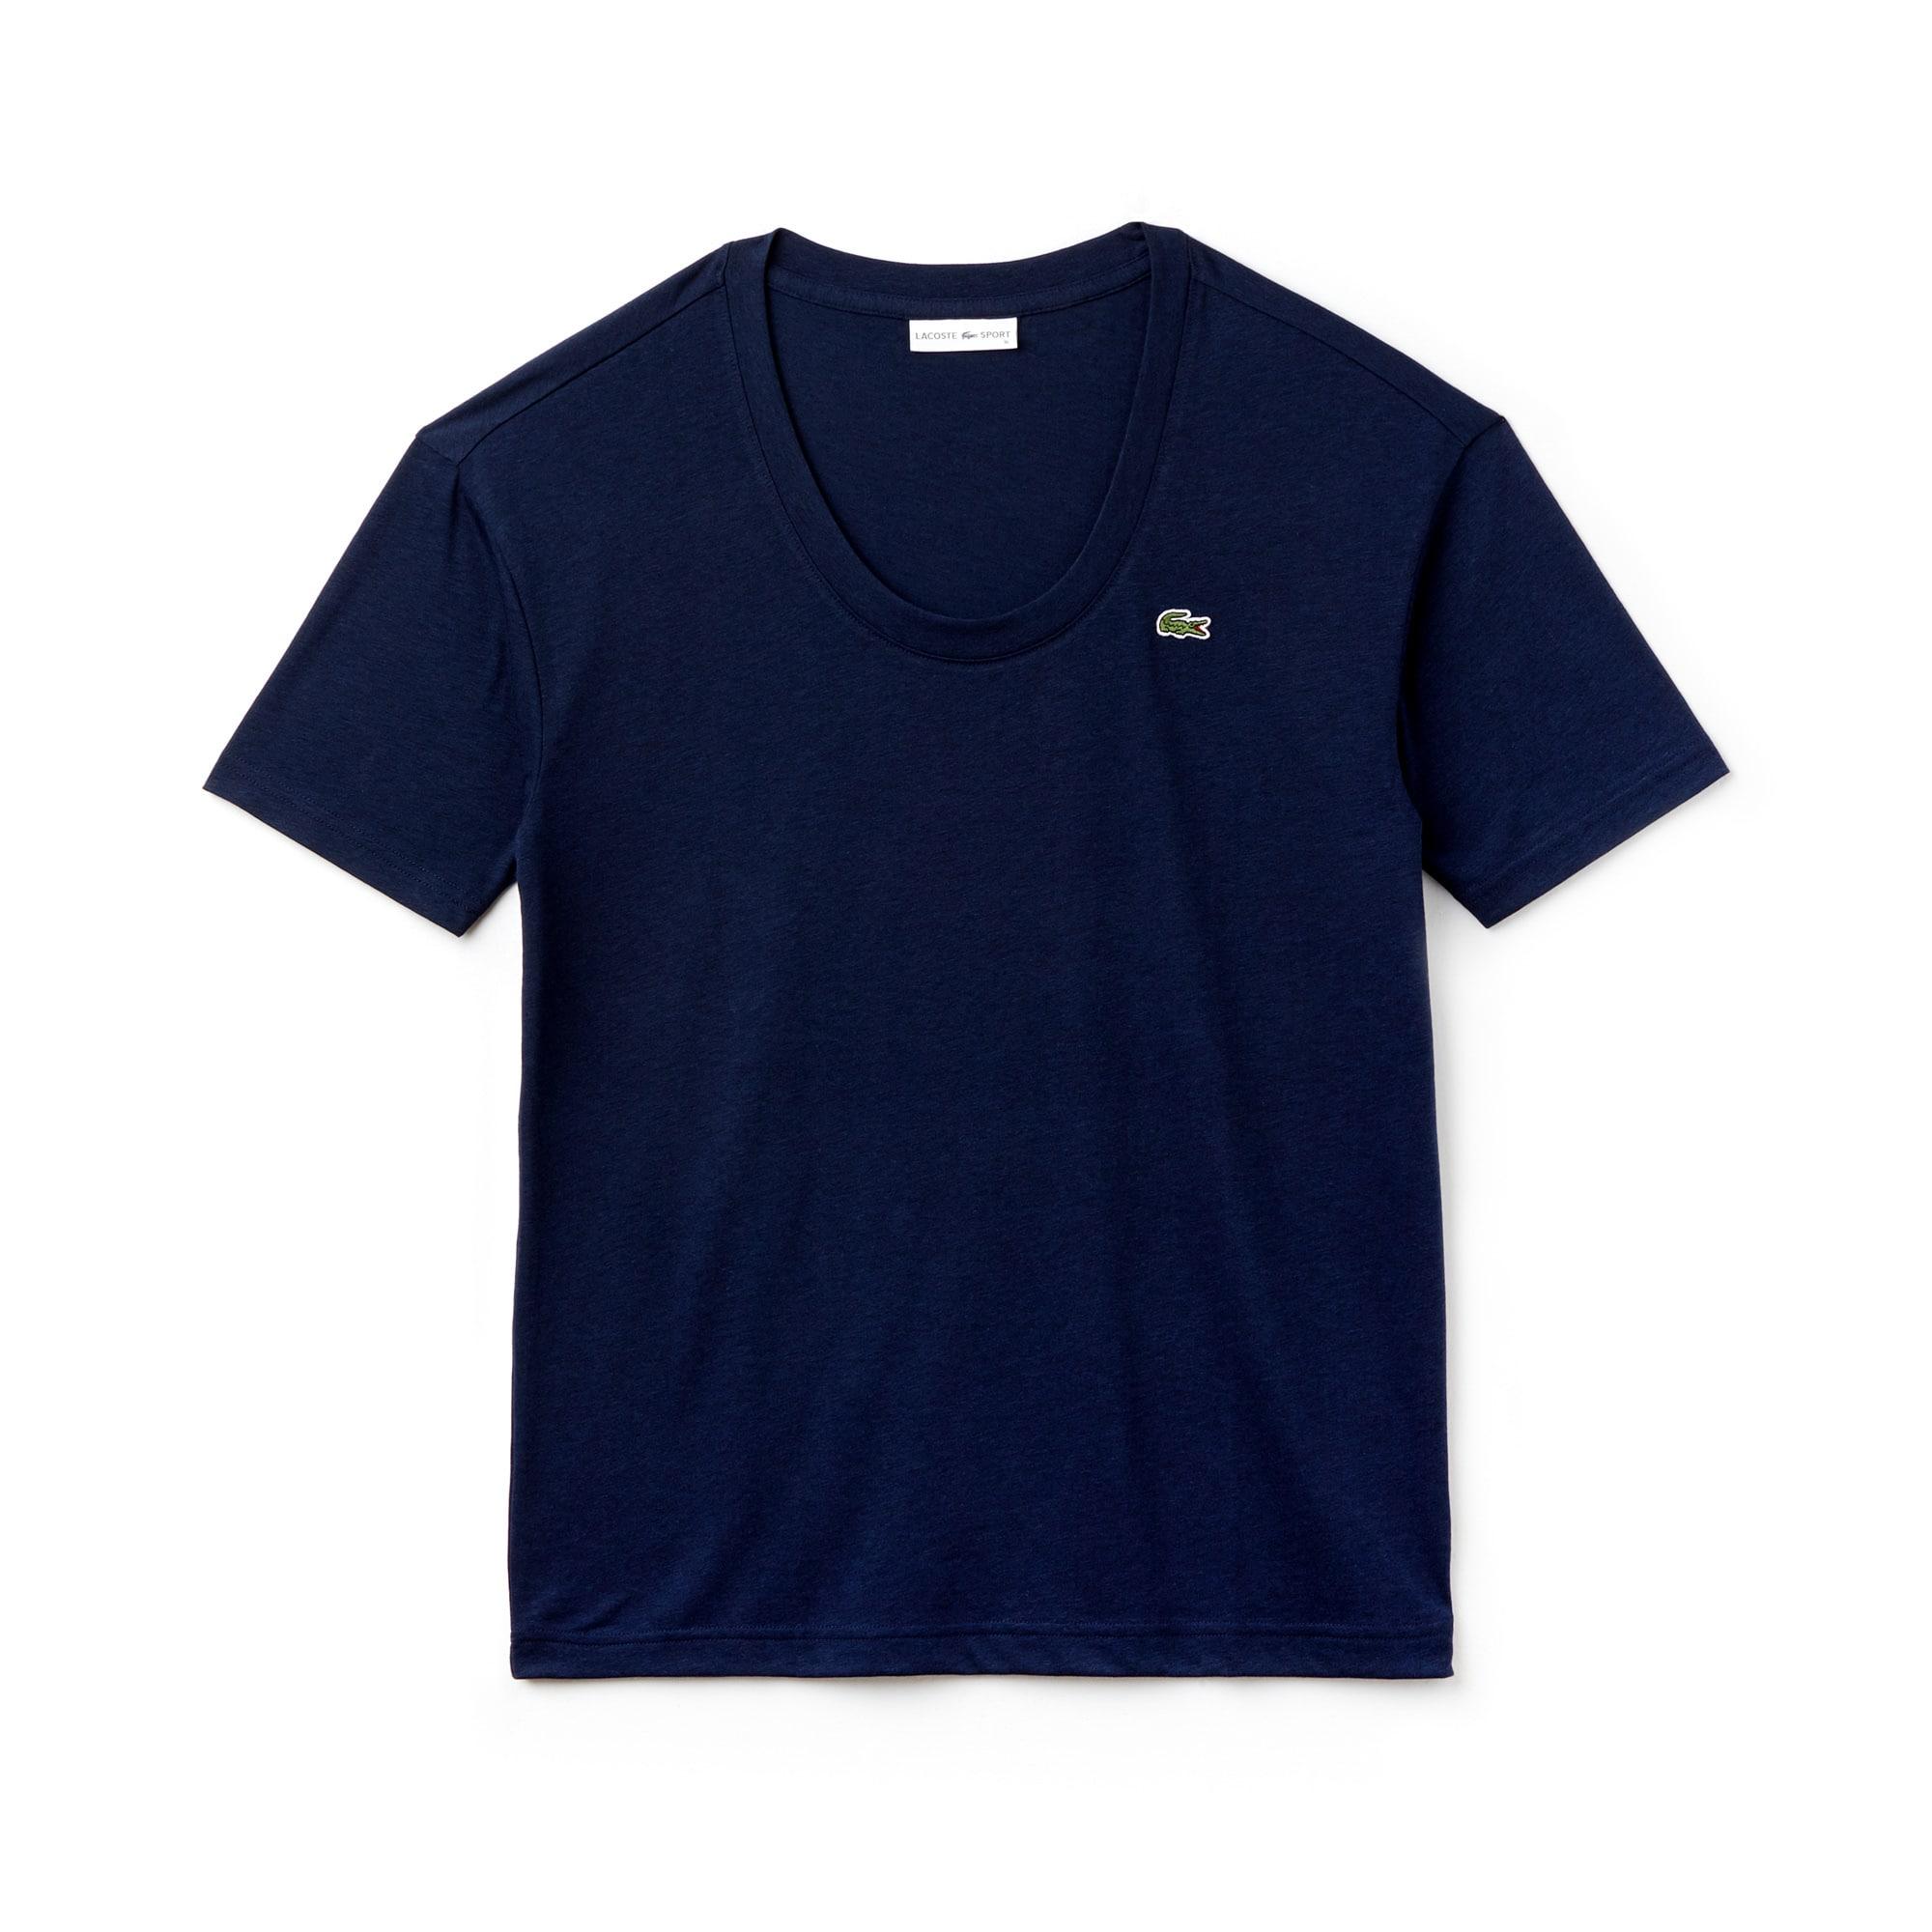 Camiseta con cuello en U de punto fluido liso Tenis Lacoste SPORT